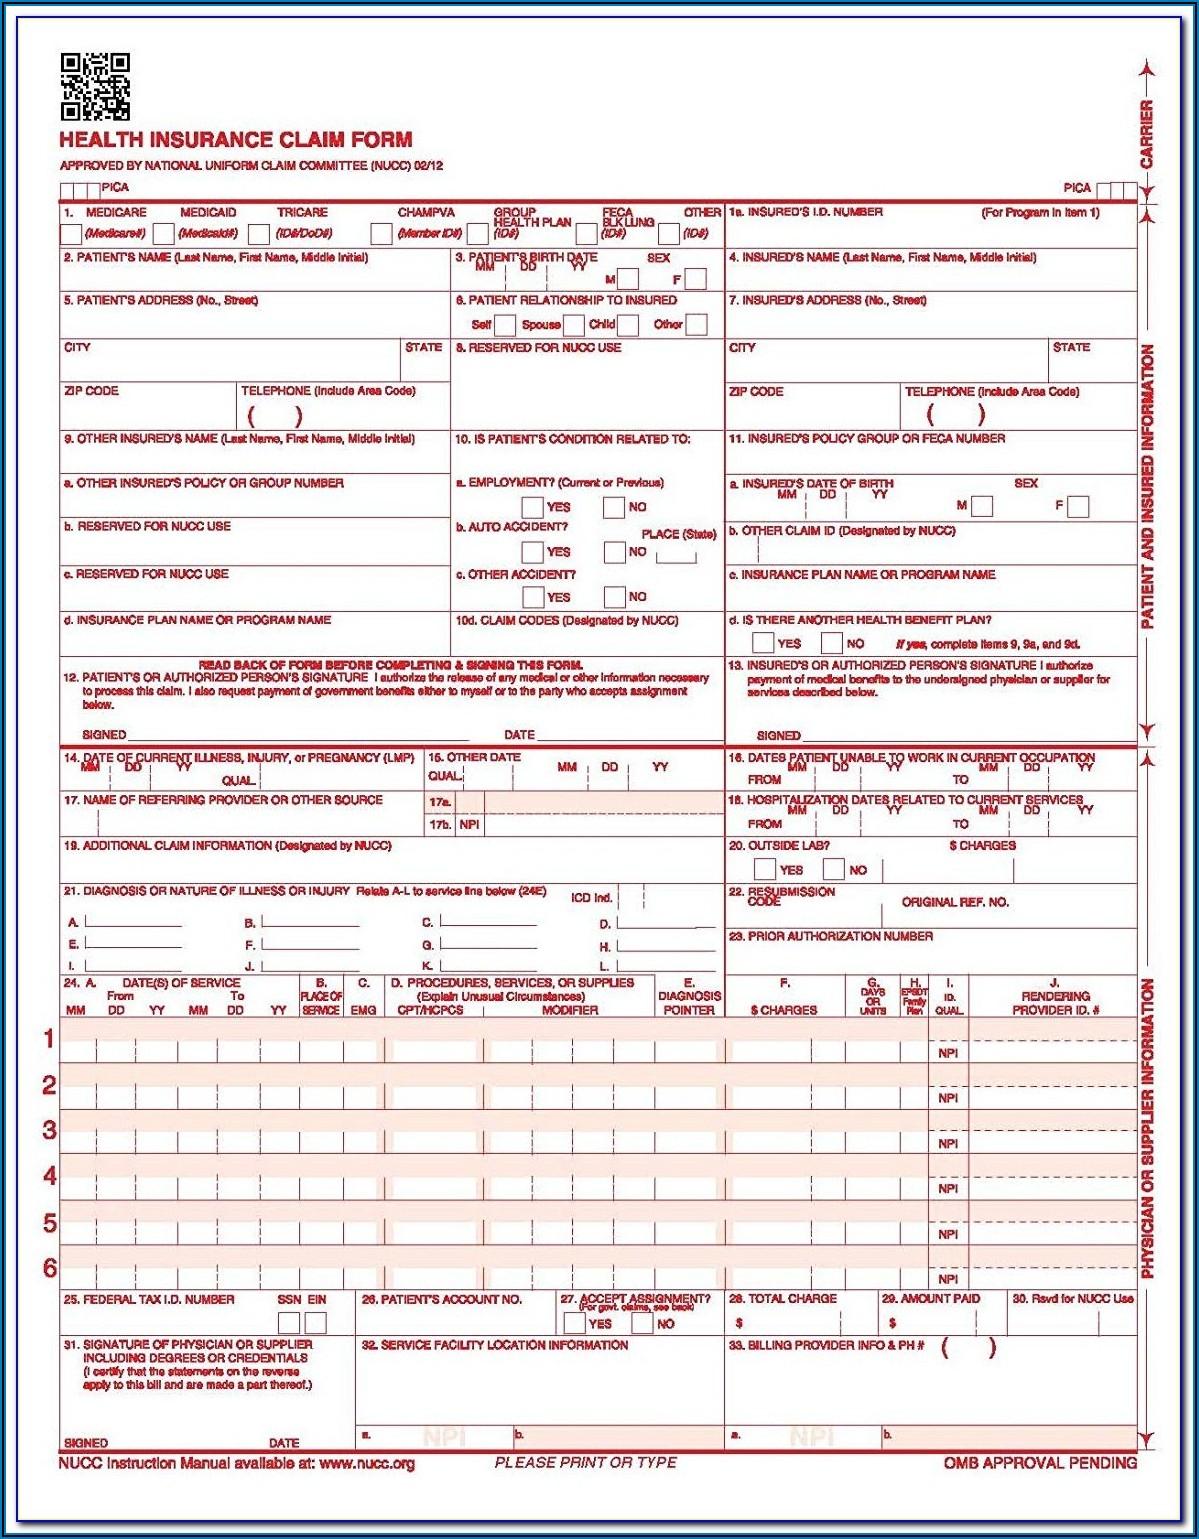 Form 1500 Fillable Pdf